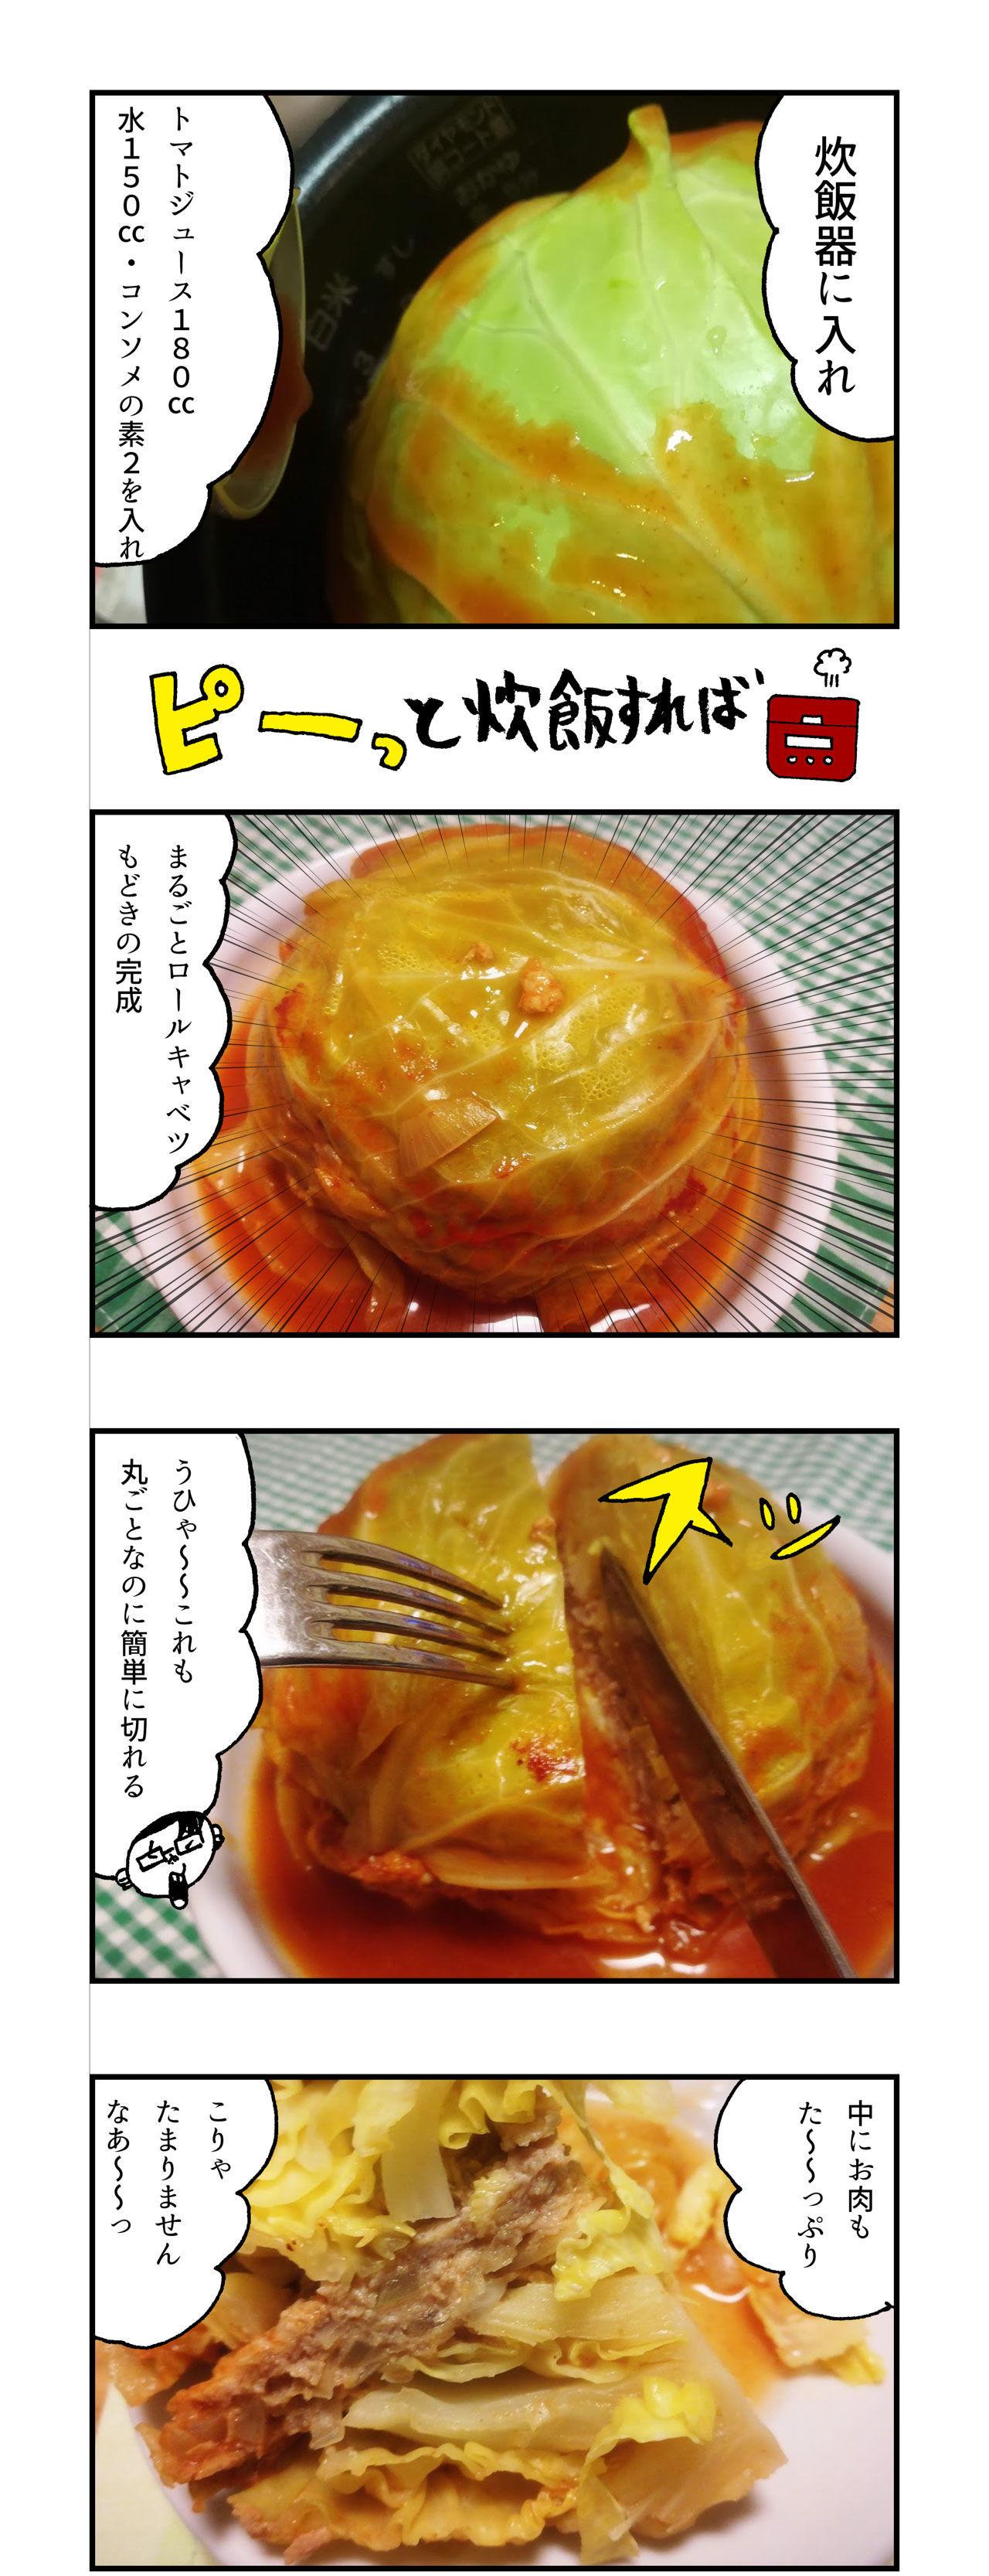 f:id:Meshi2_IB:20190315172143j:plain